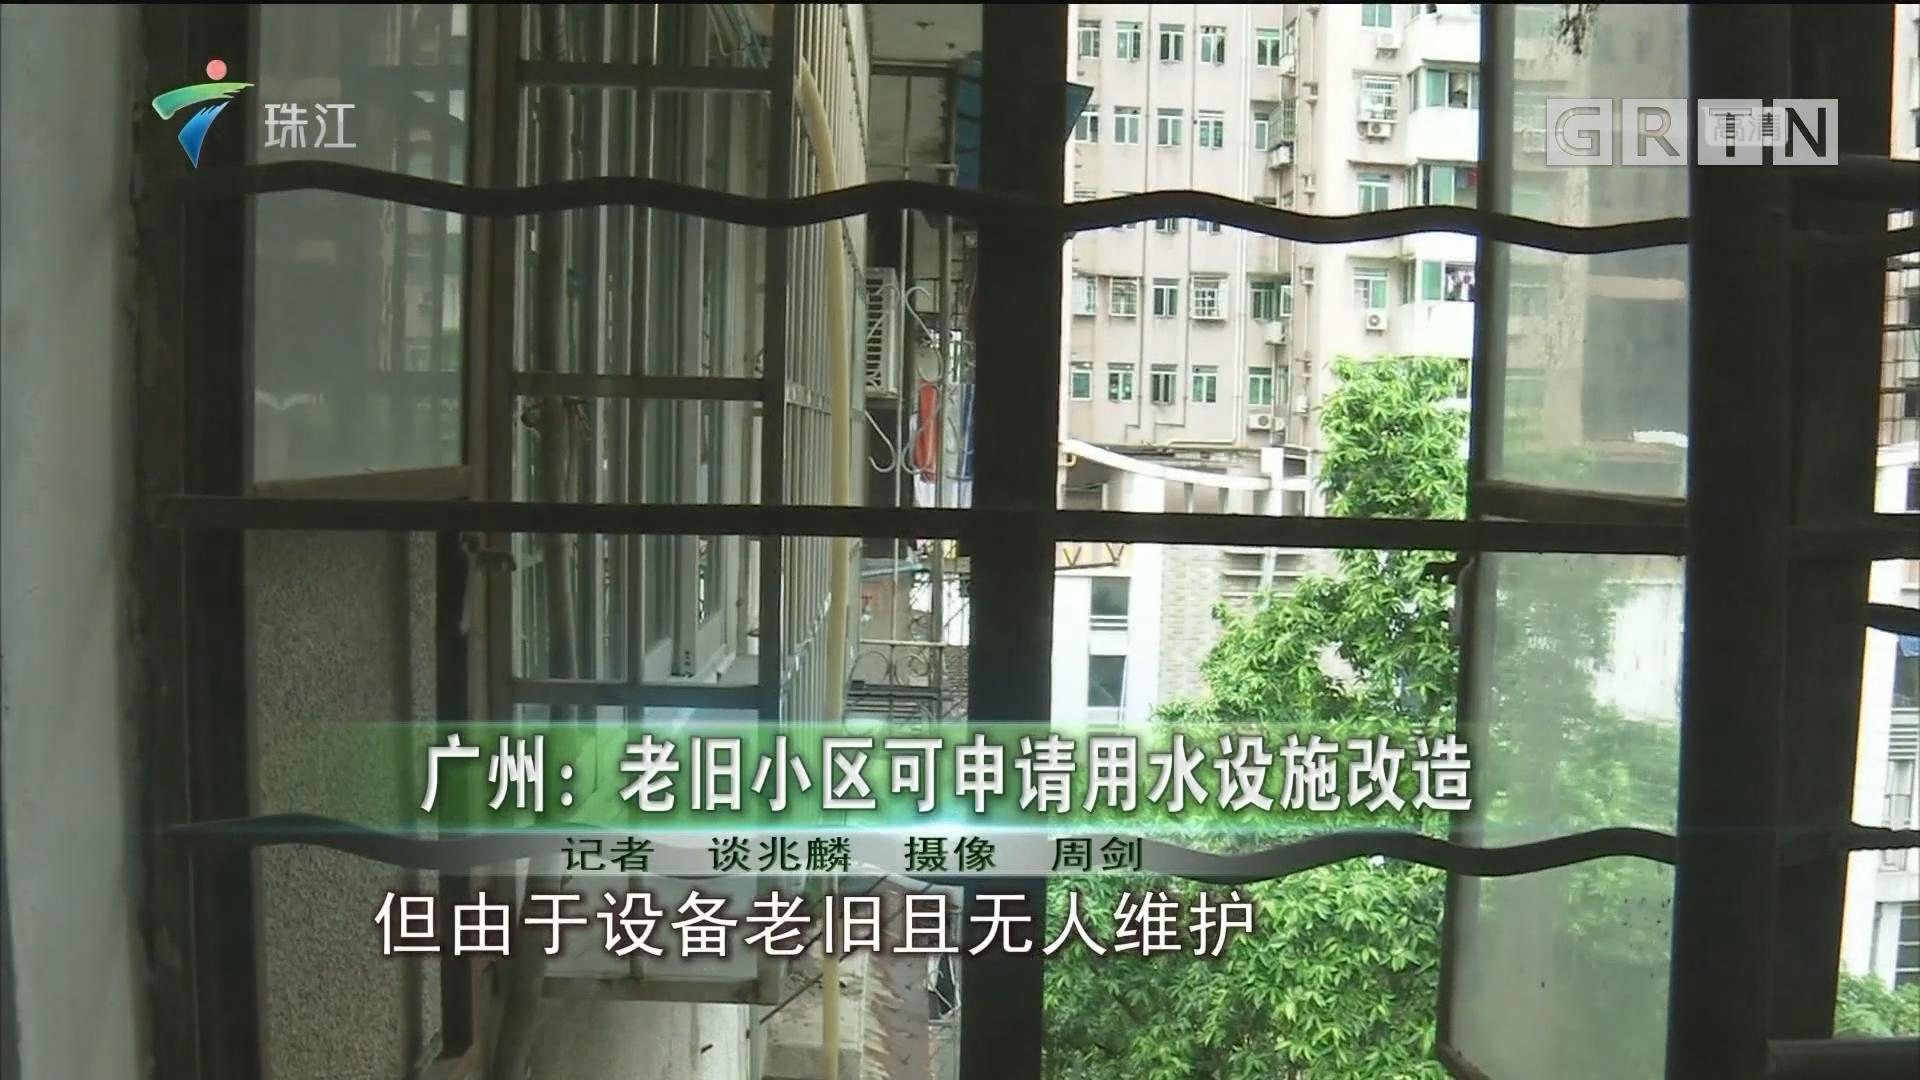 广州:老旧小区可申请用水设施改造